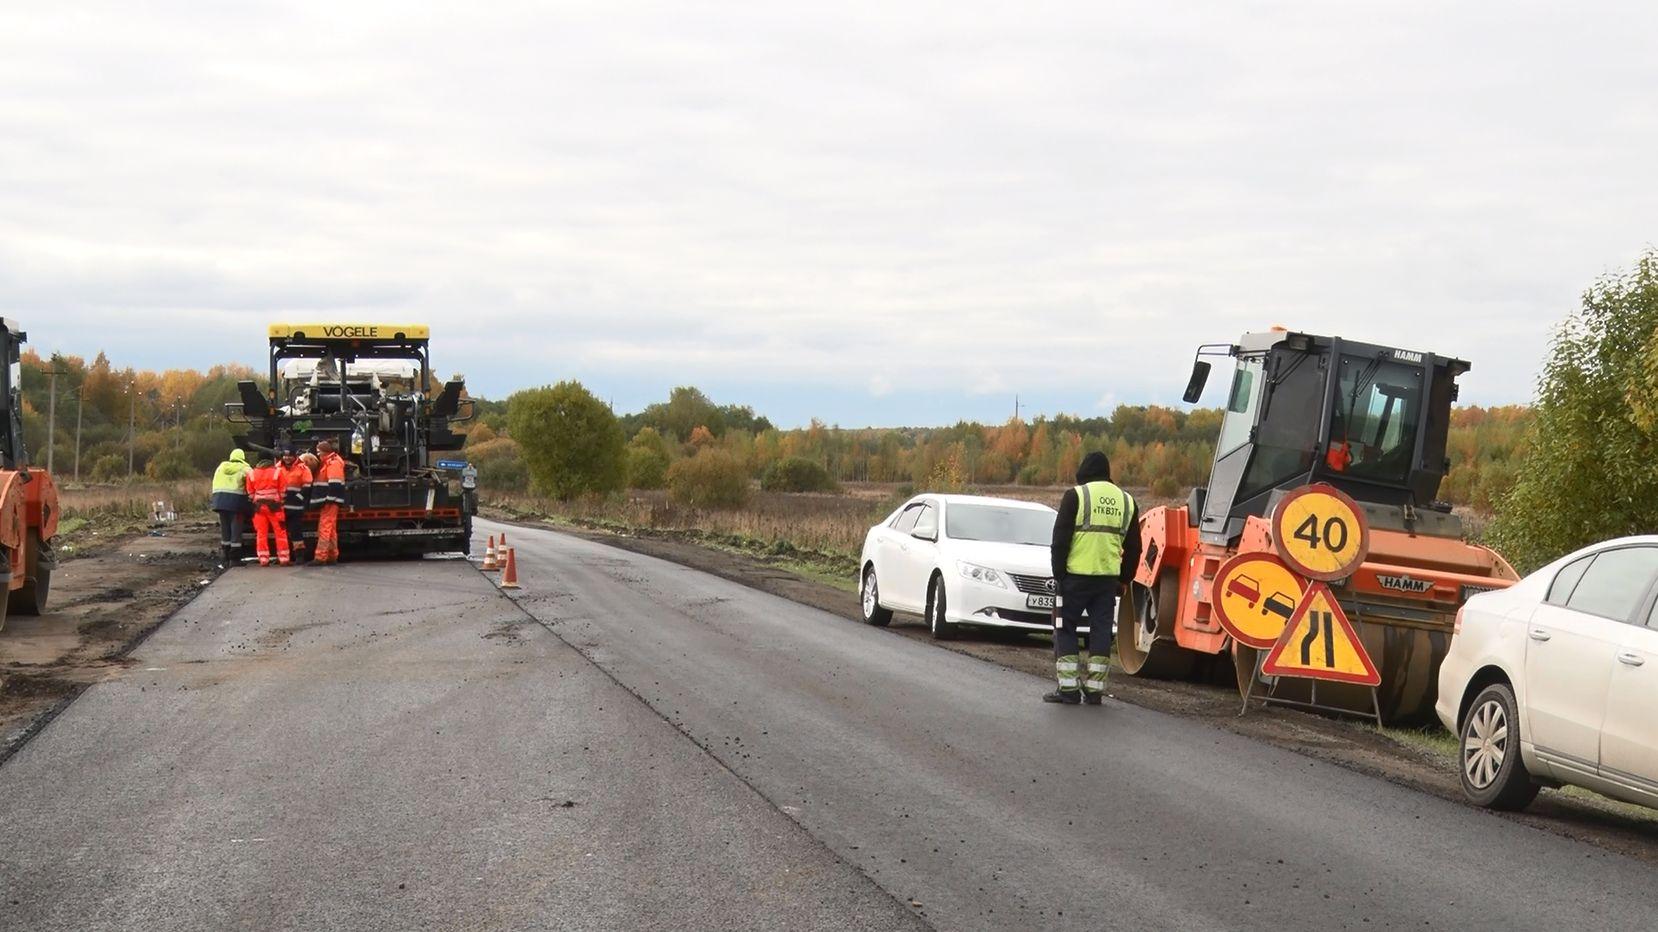 Глава областного дорожного департамента Роман Душко лично остановил укладку асфальта на участке трассы Тутаев-Шопша